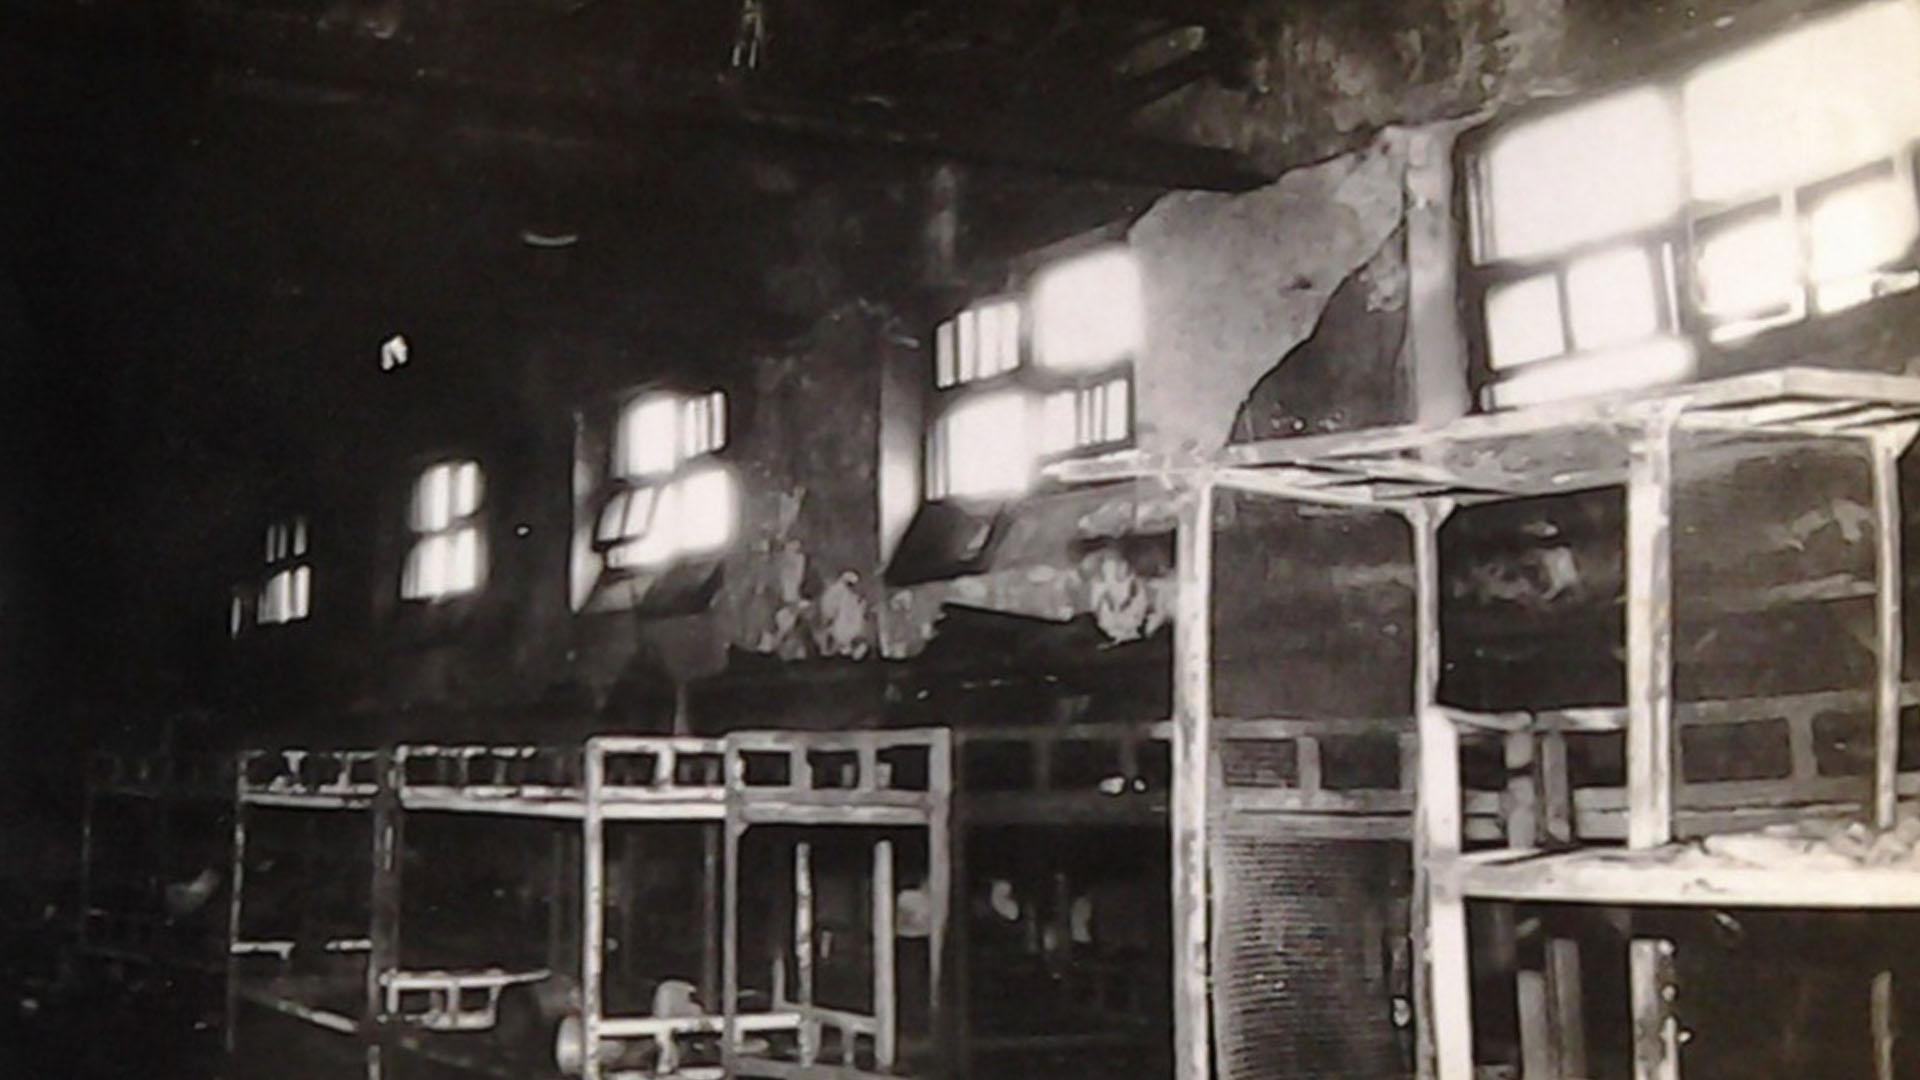 La cárcel estaba superpoblada, en el pabellón había 161 presos y camas para 70